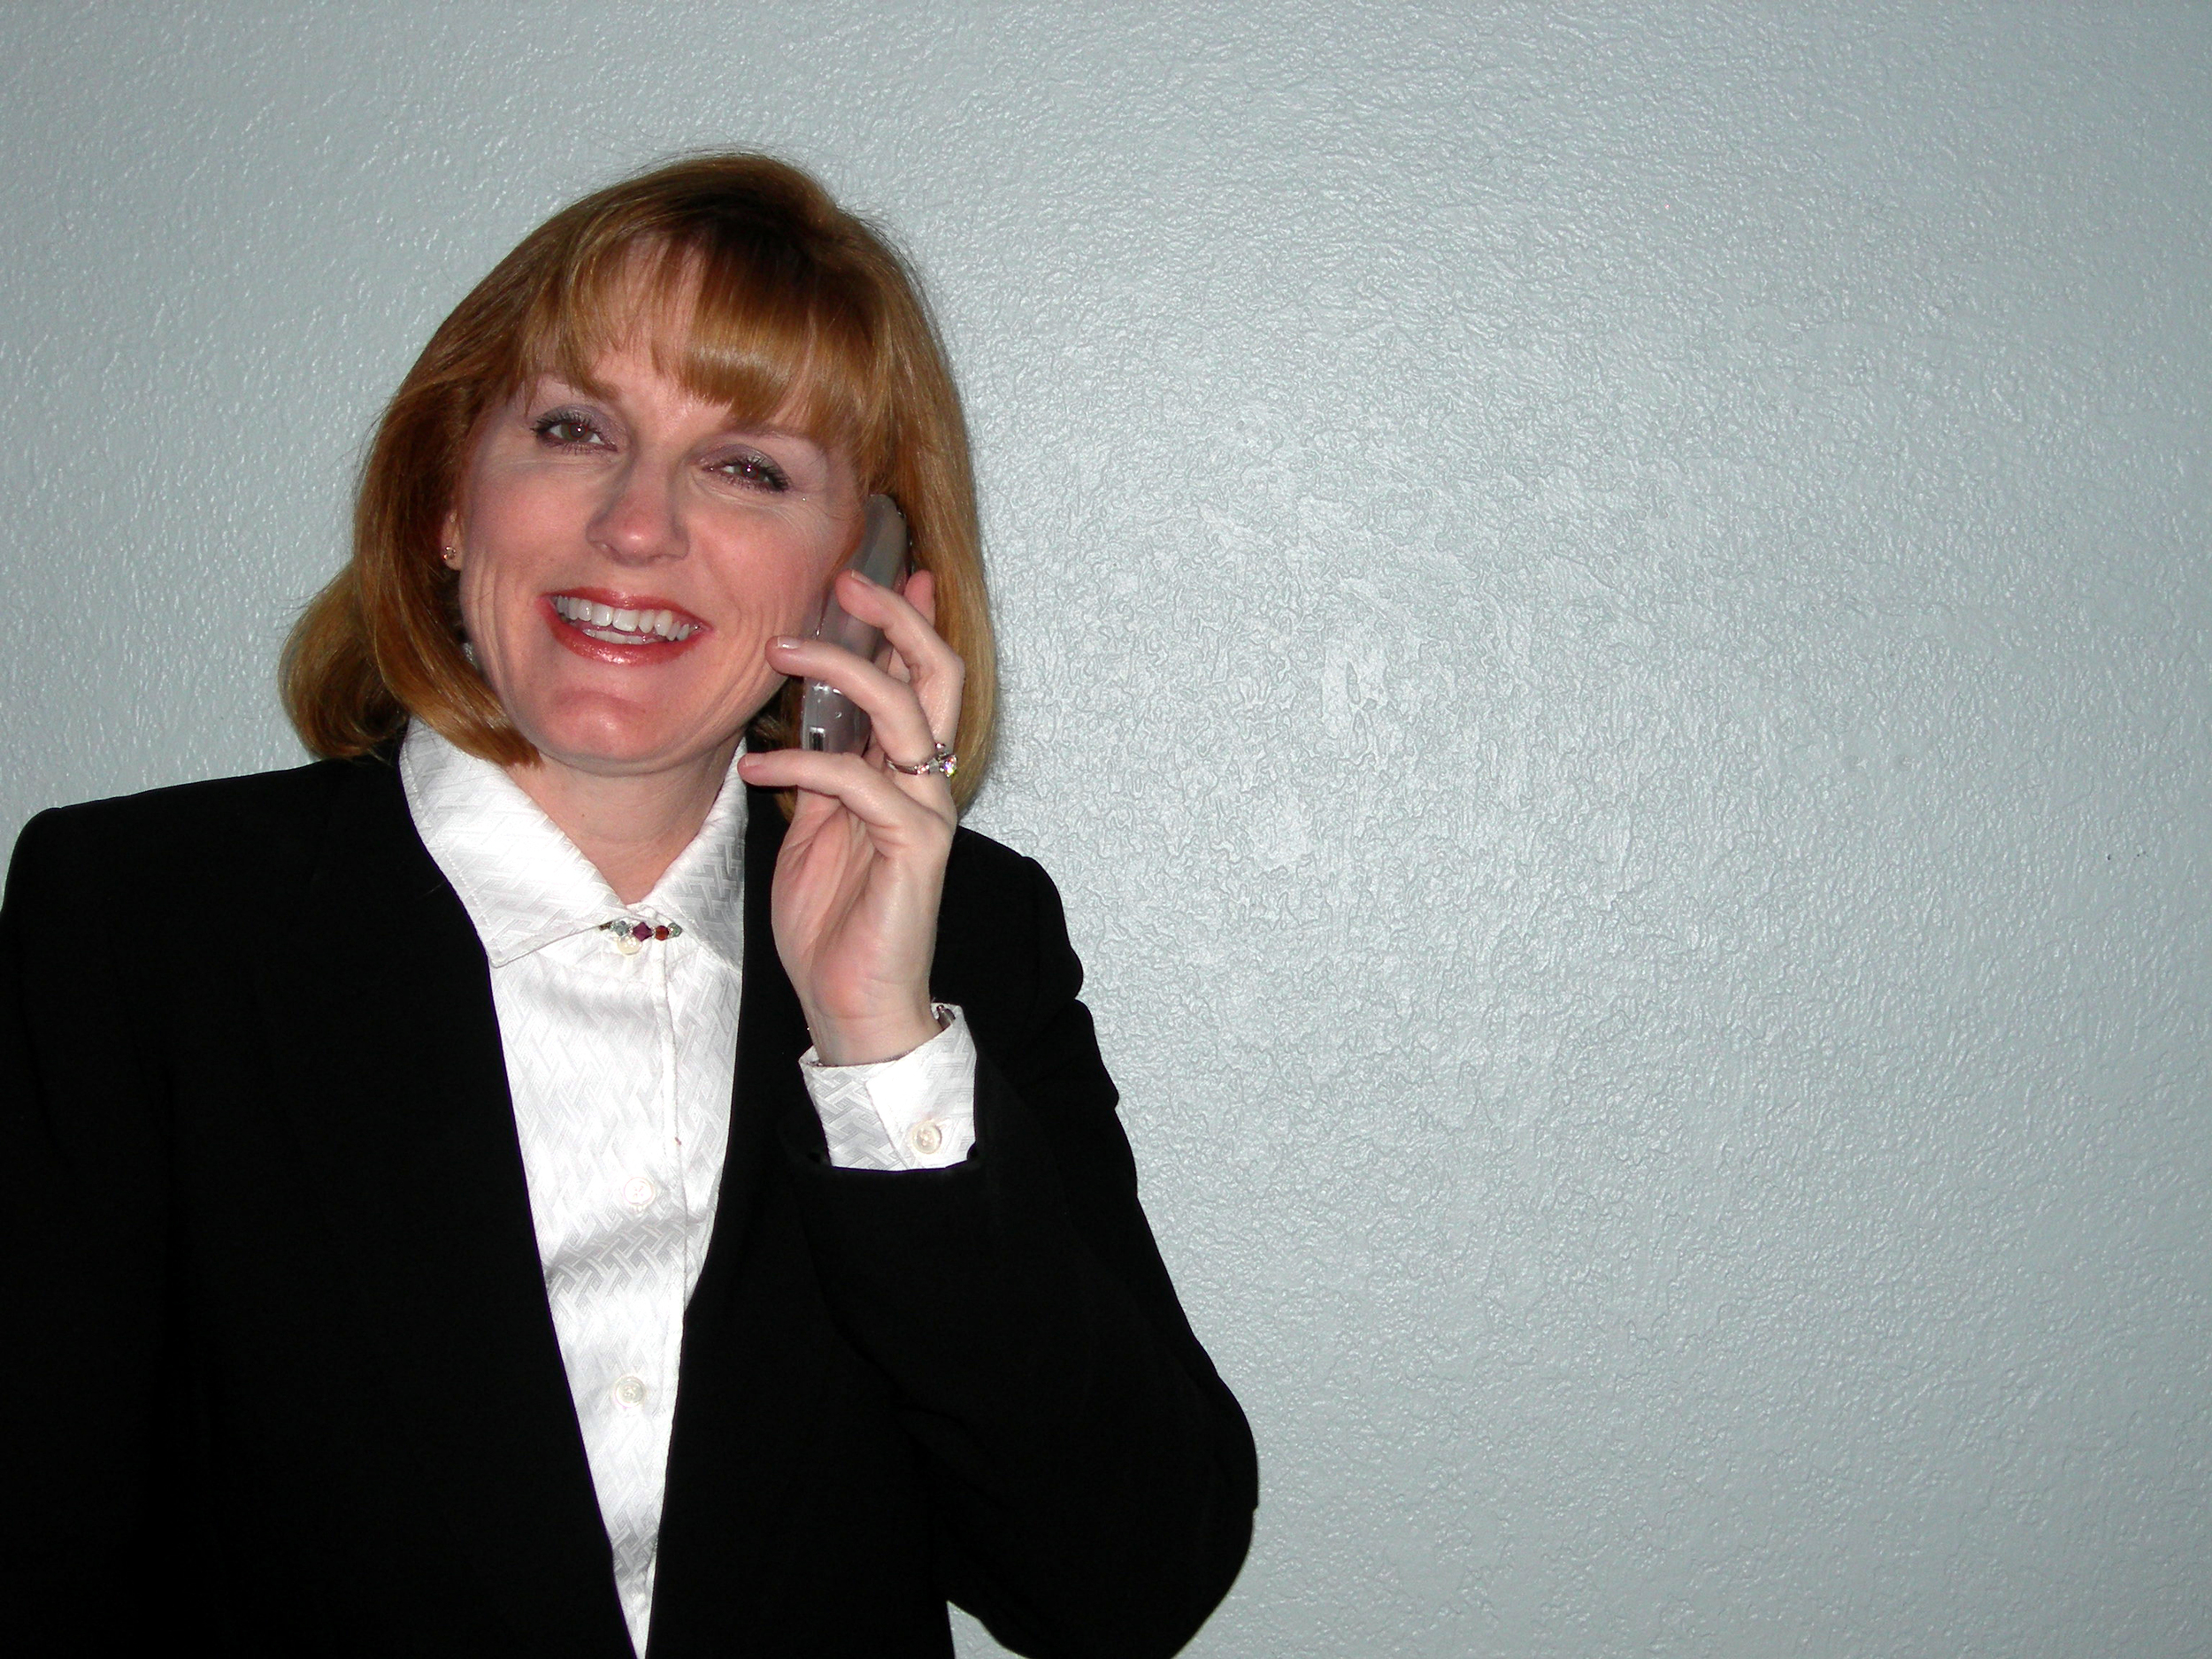 Dorothy Scanlan Stevens, The San Diego structured settlement expert